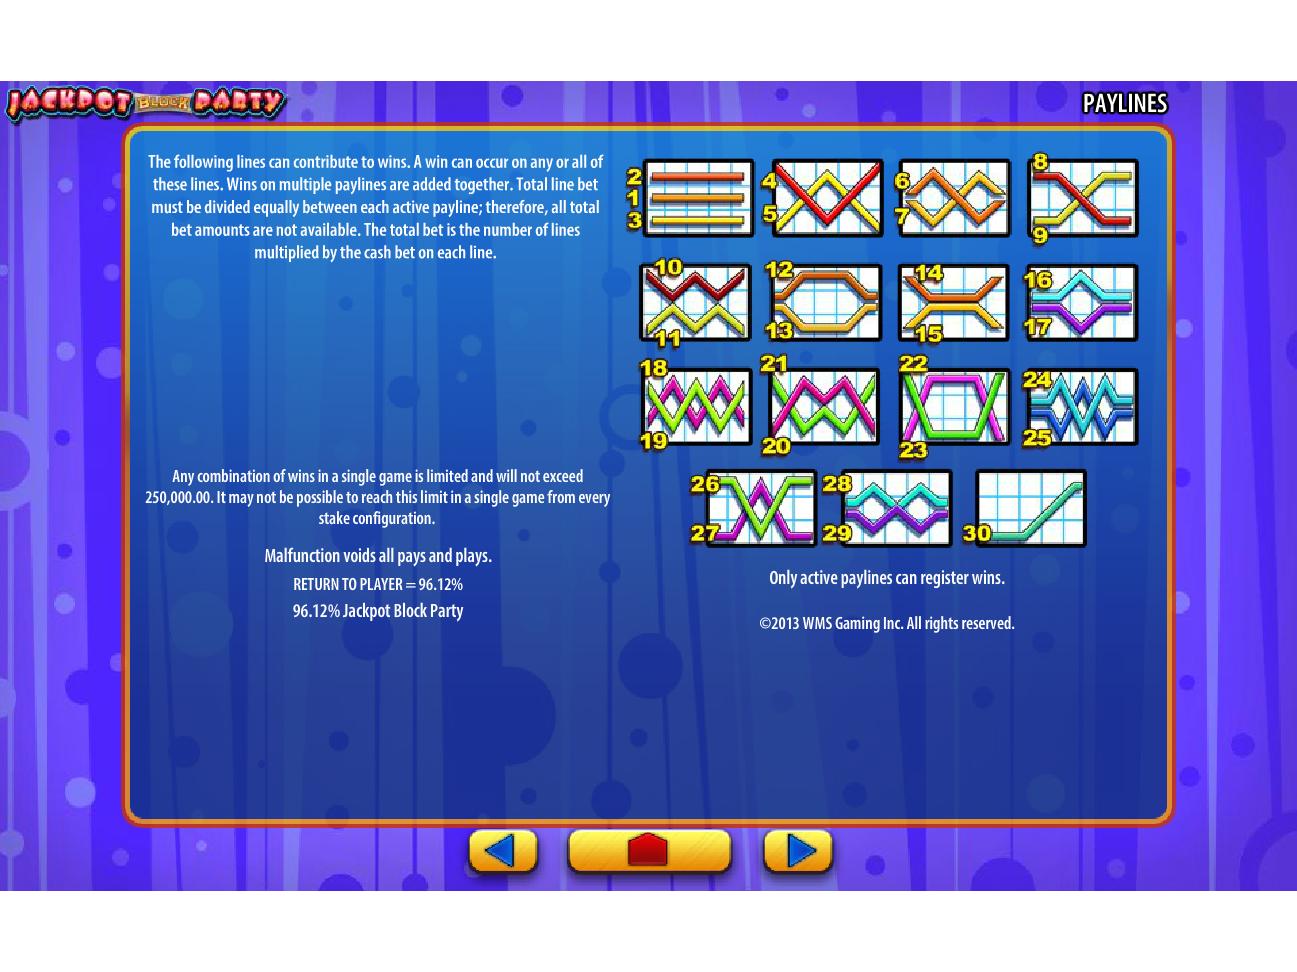 Jetzt Jackpot Block Party online spielen